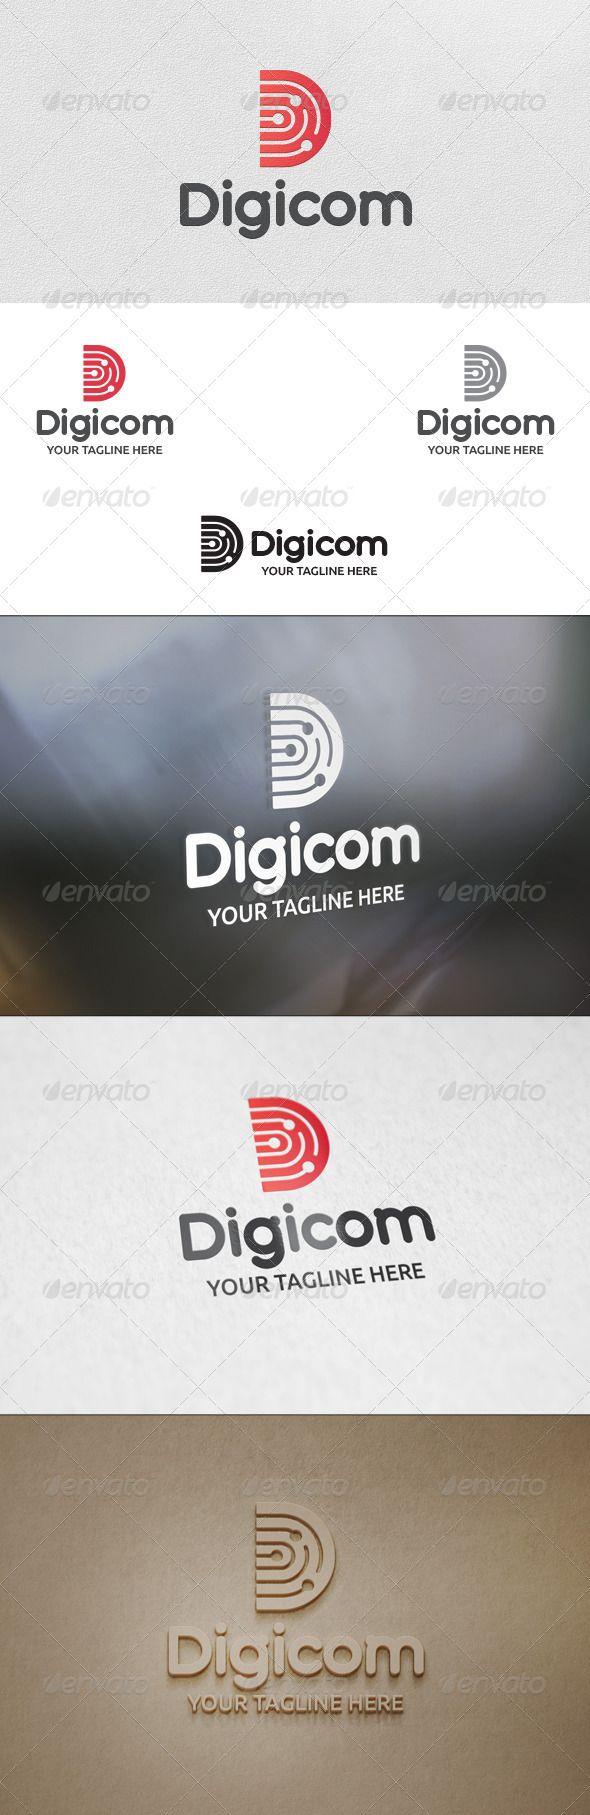 Digicom (Letter D) - Logo Template